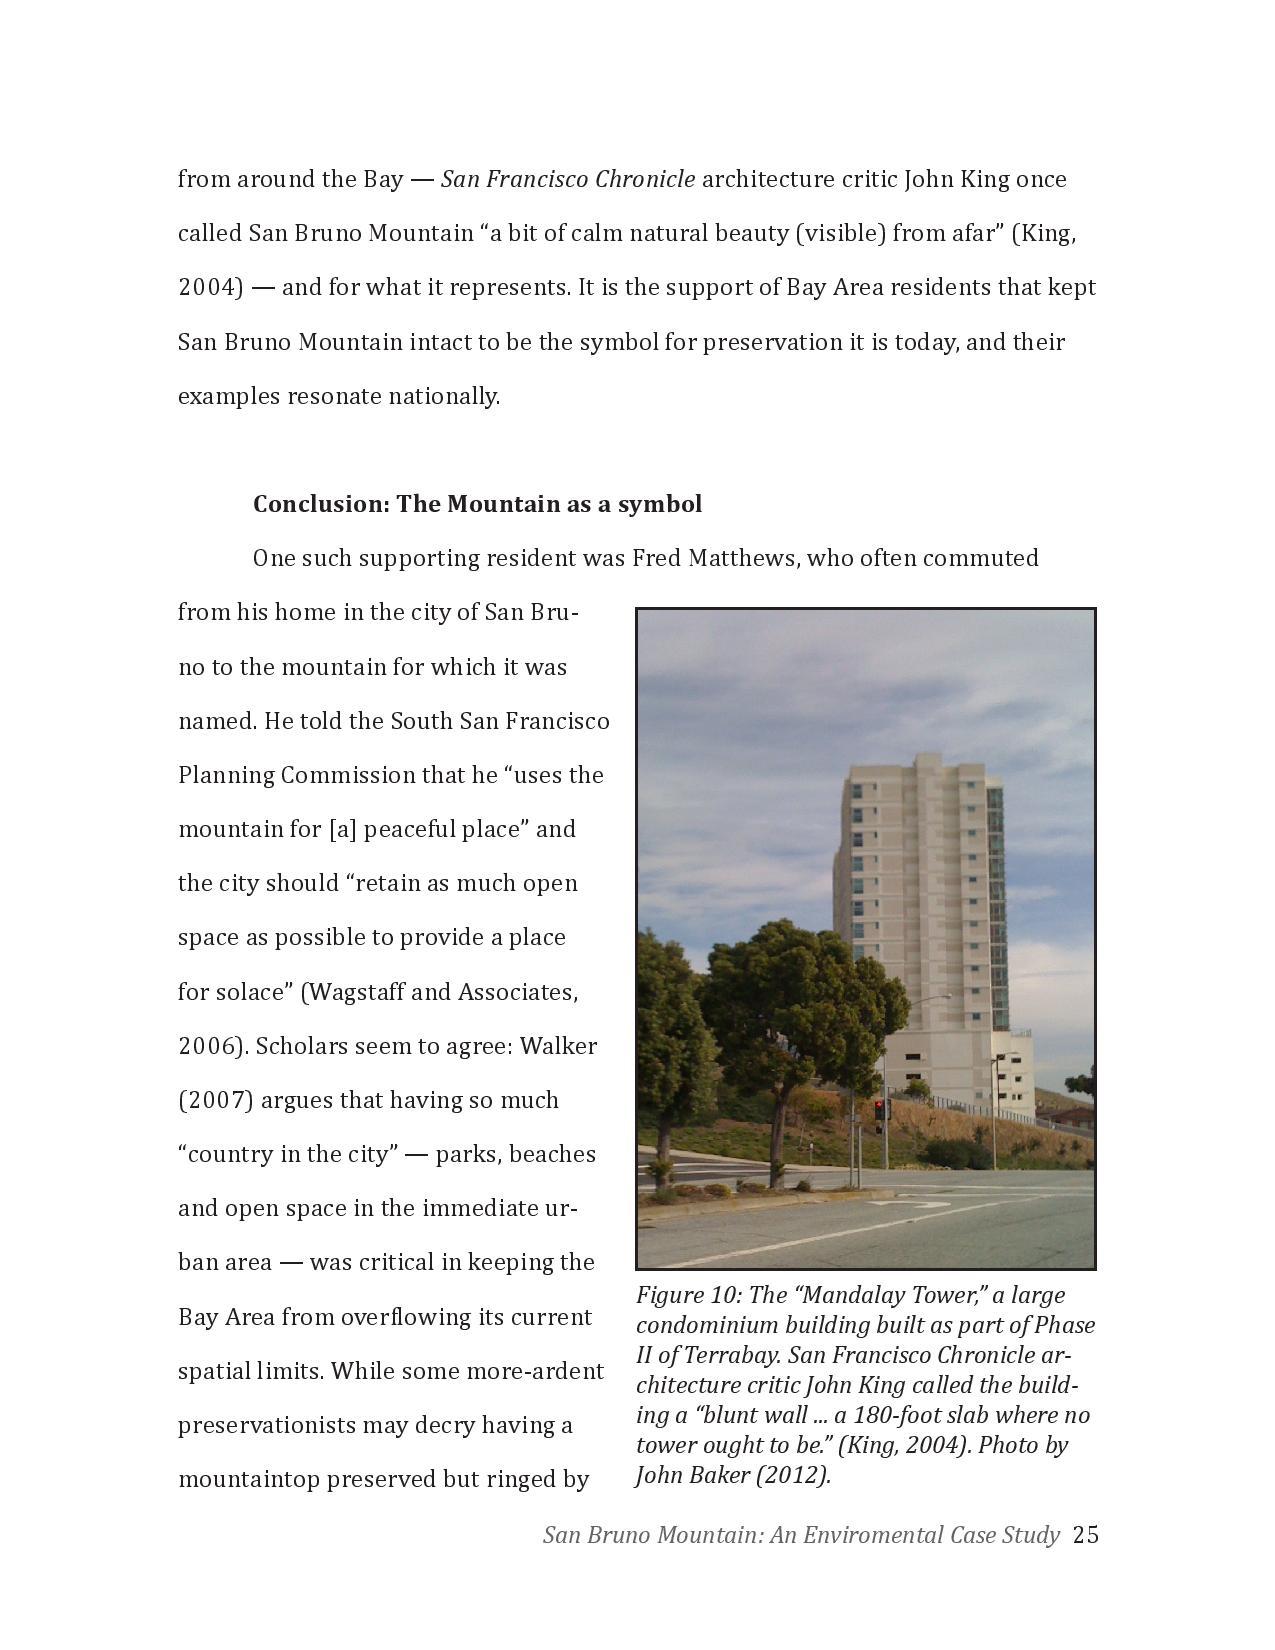 SBM An Environmental Case Study J Baker-page-025